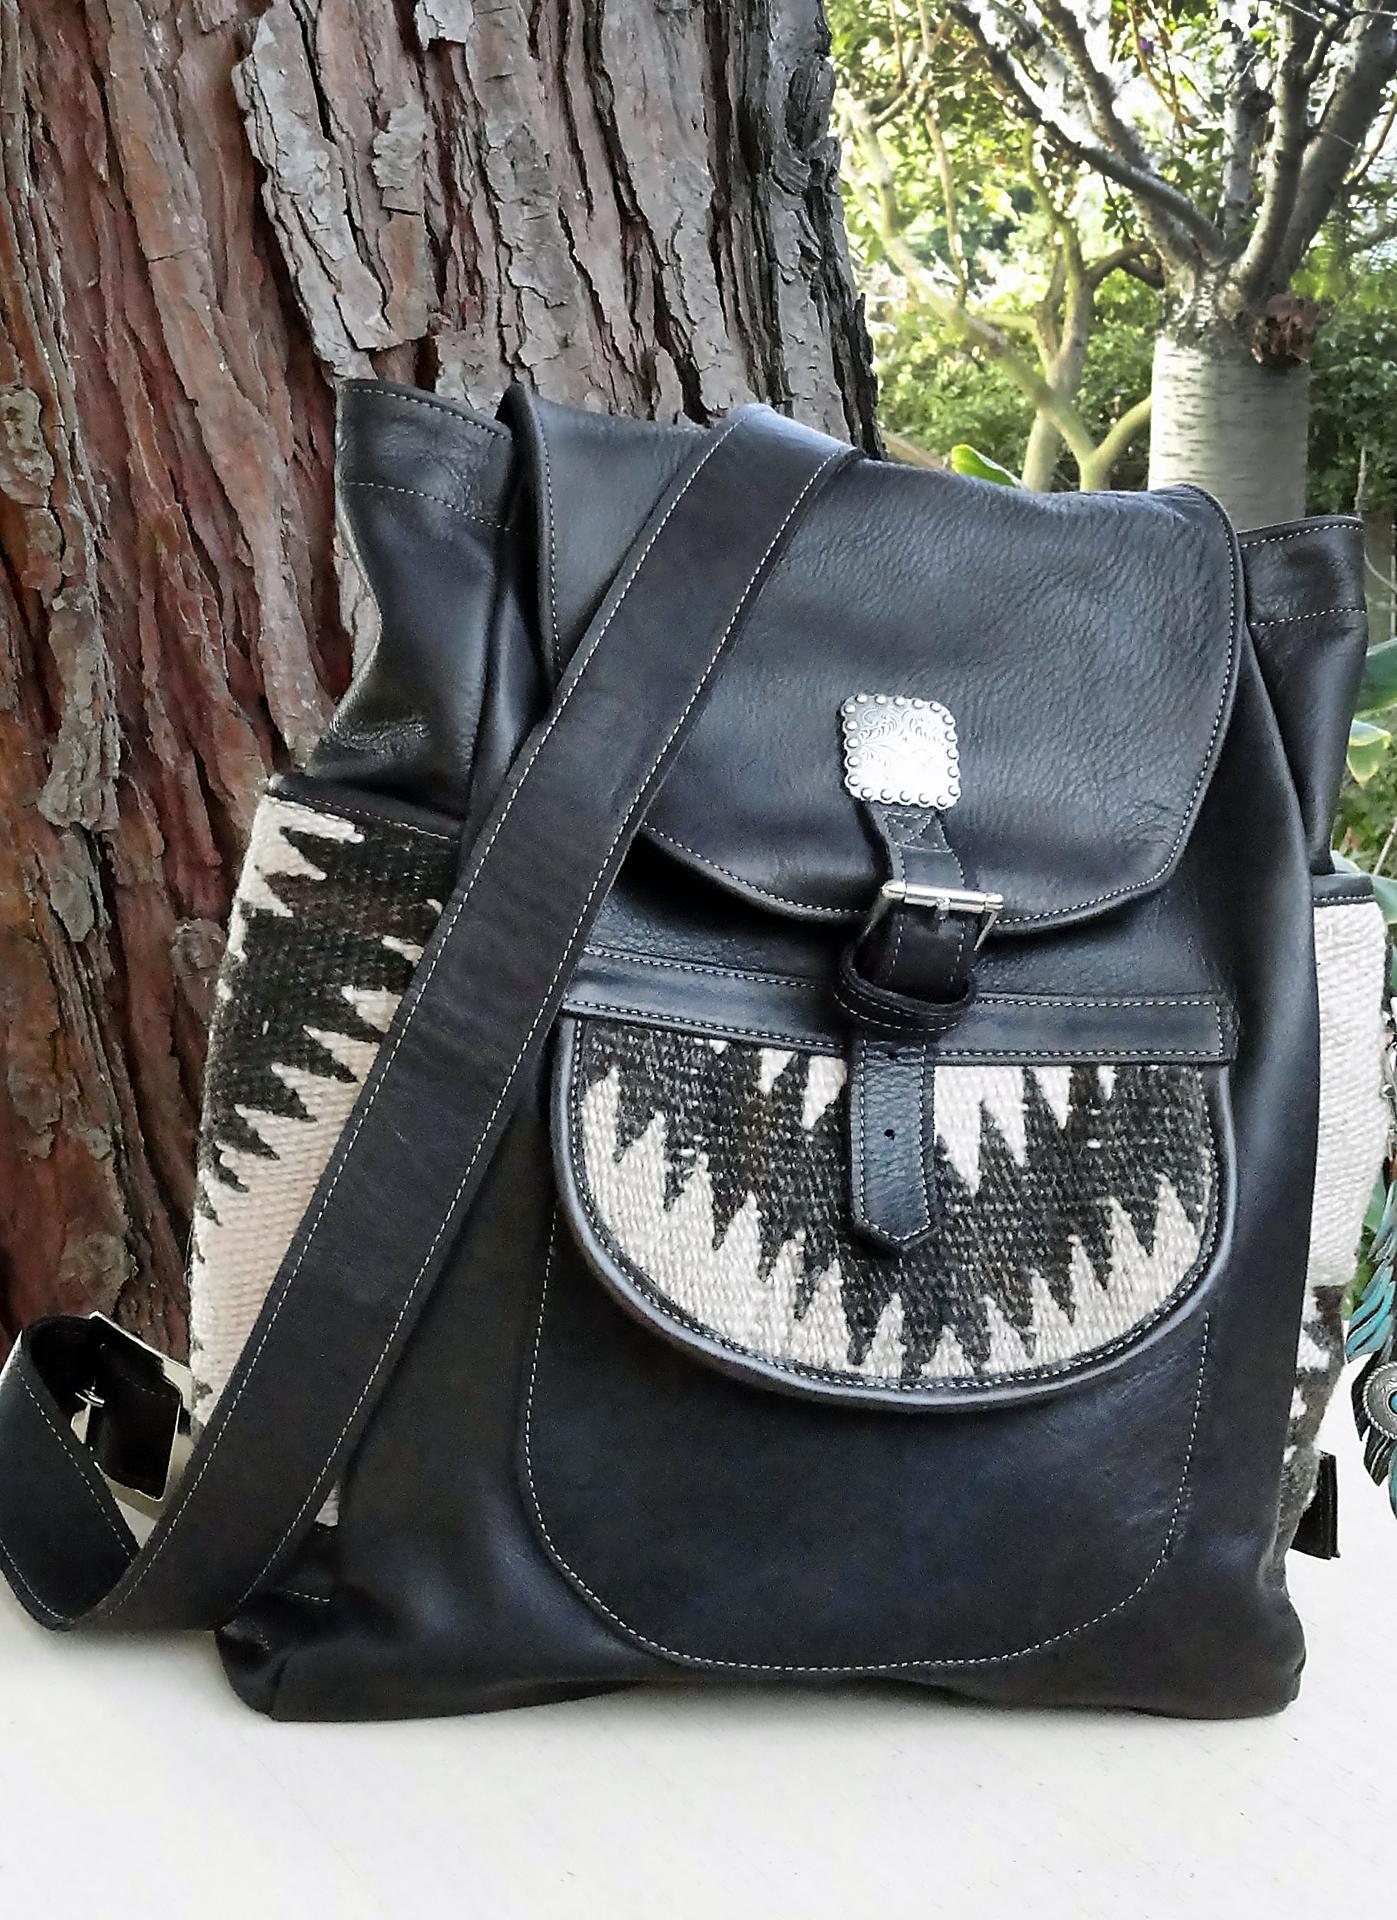 PCco Backpack 1920p.jpg